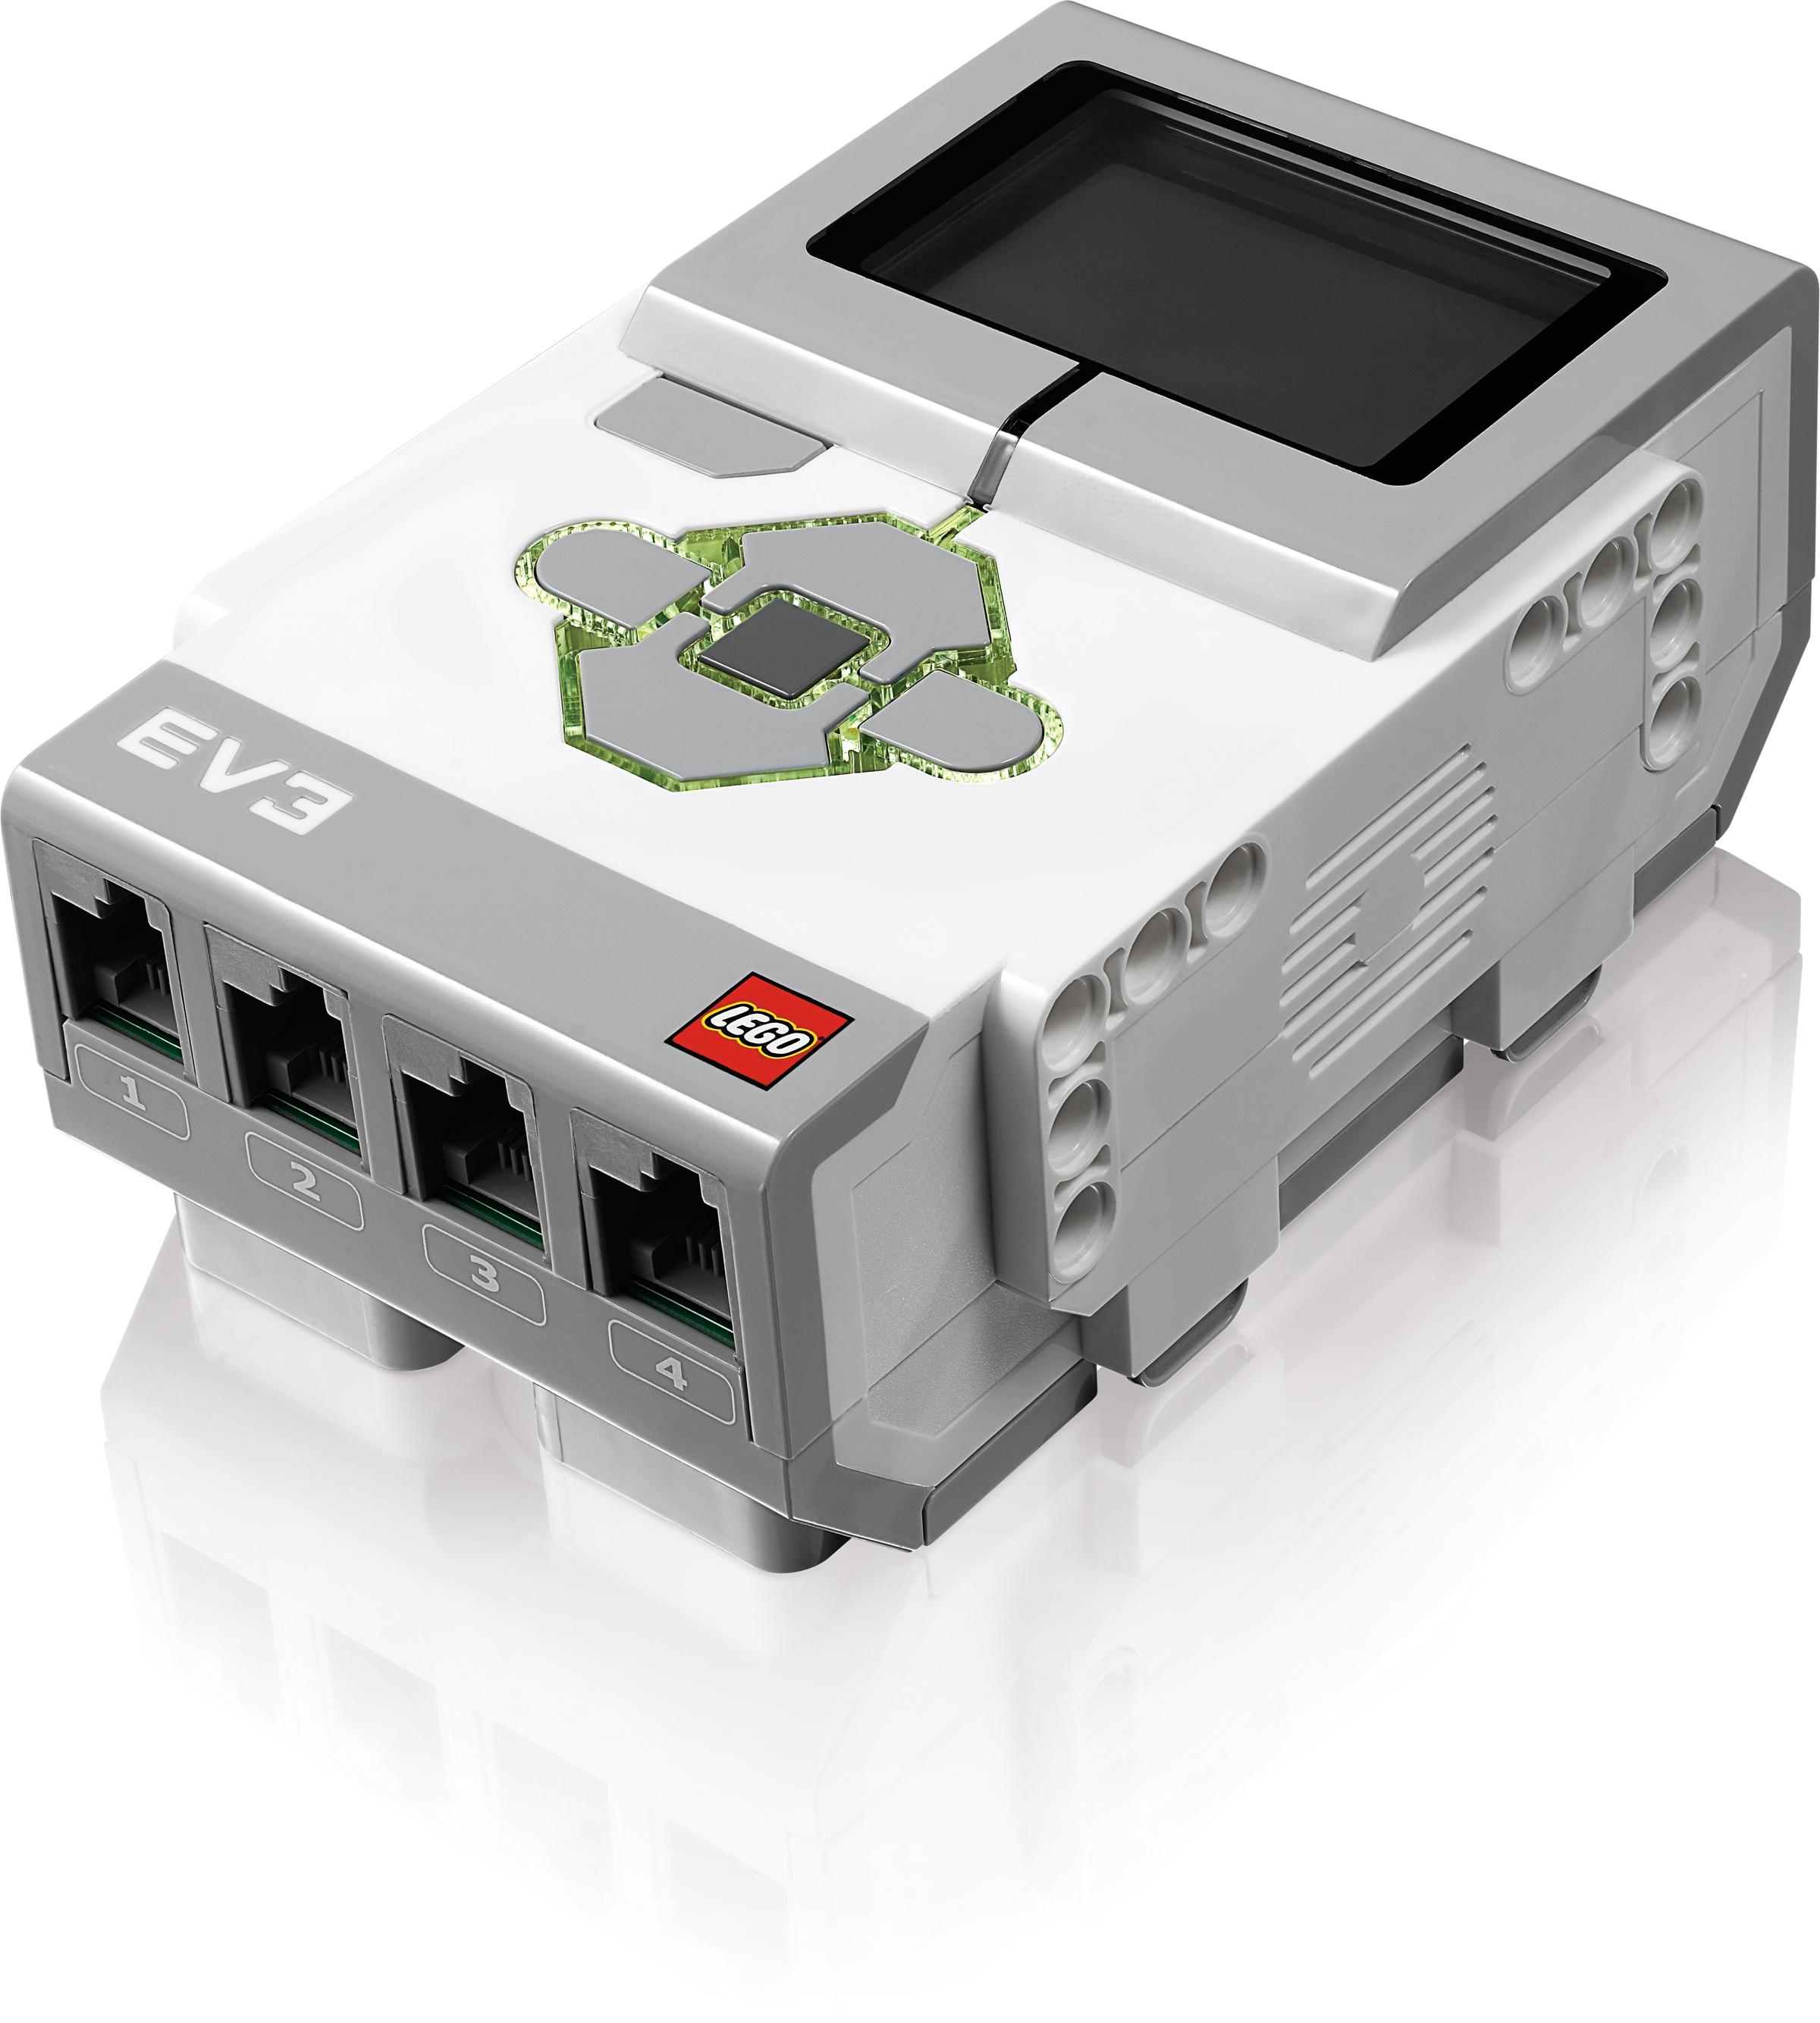 Lego Mindstorms EV3: Neue Roboterplattform von Lego - Lego Mindstorms EV3: EV3 Intelligent Brick alias P-Brick